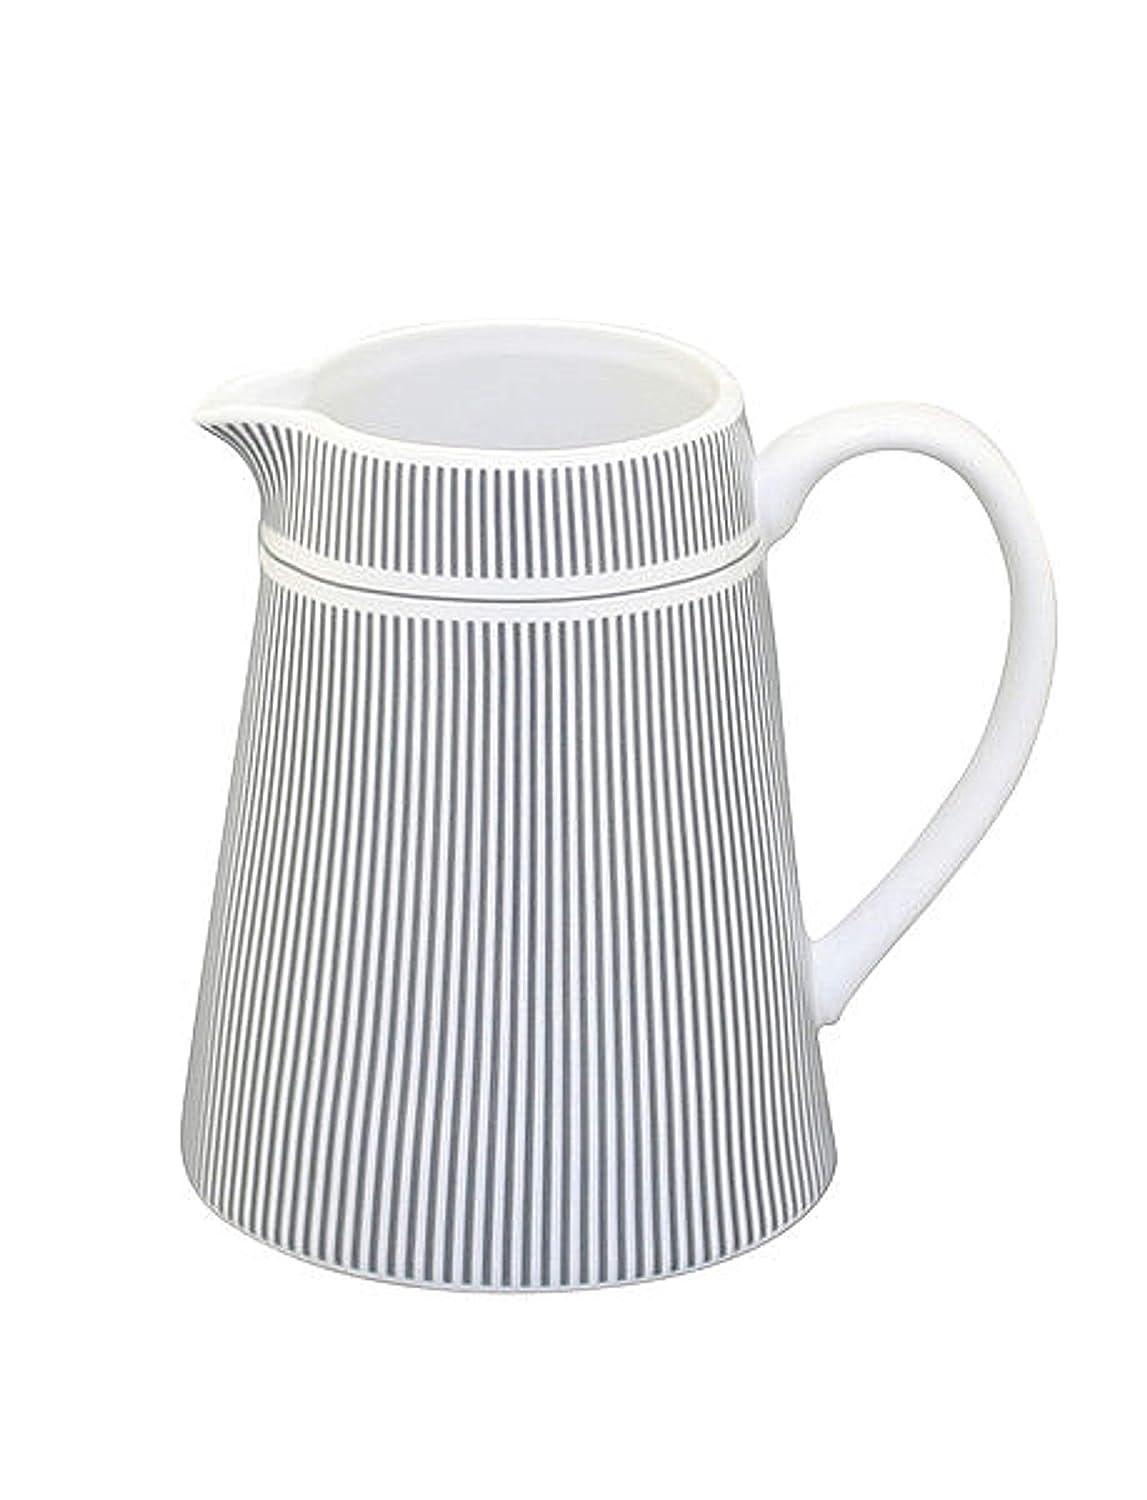 Krasilnikoff - Jarra para leche (fina), diseño de rayas, color ...